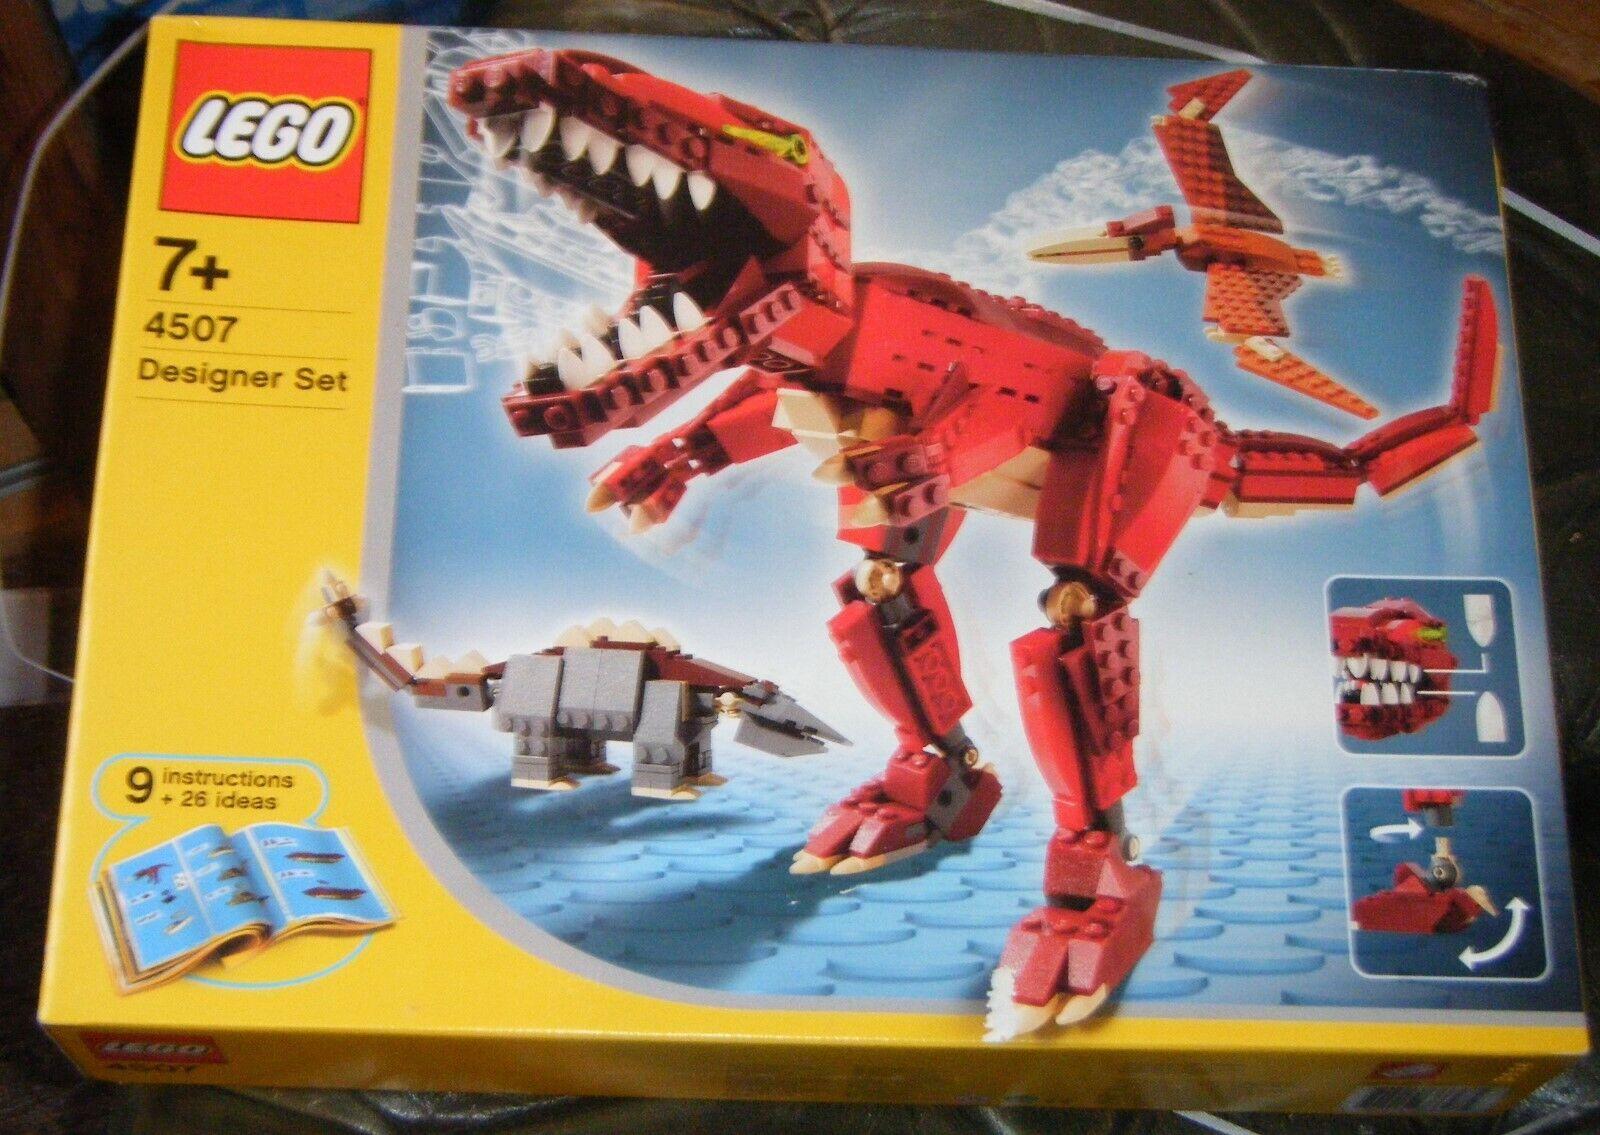 LEGO Designer Set 4507-Creature Preistoriche-Nuovo, sigillato in fabbrica